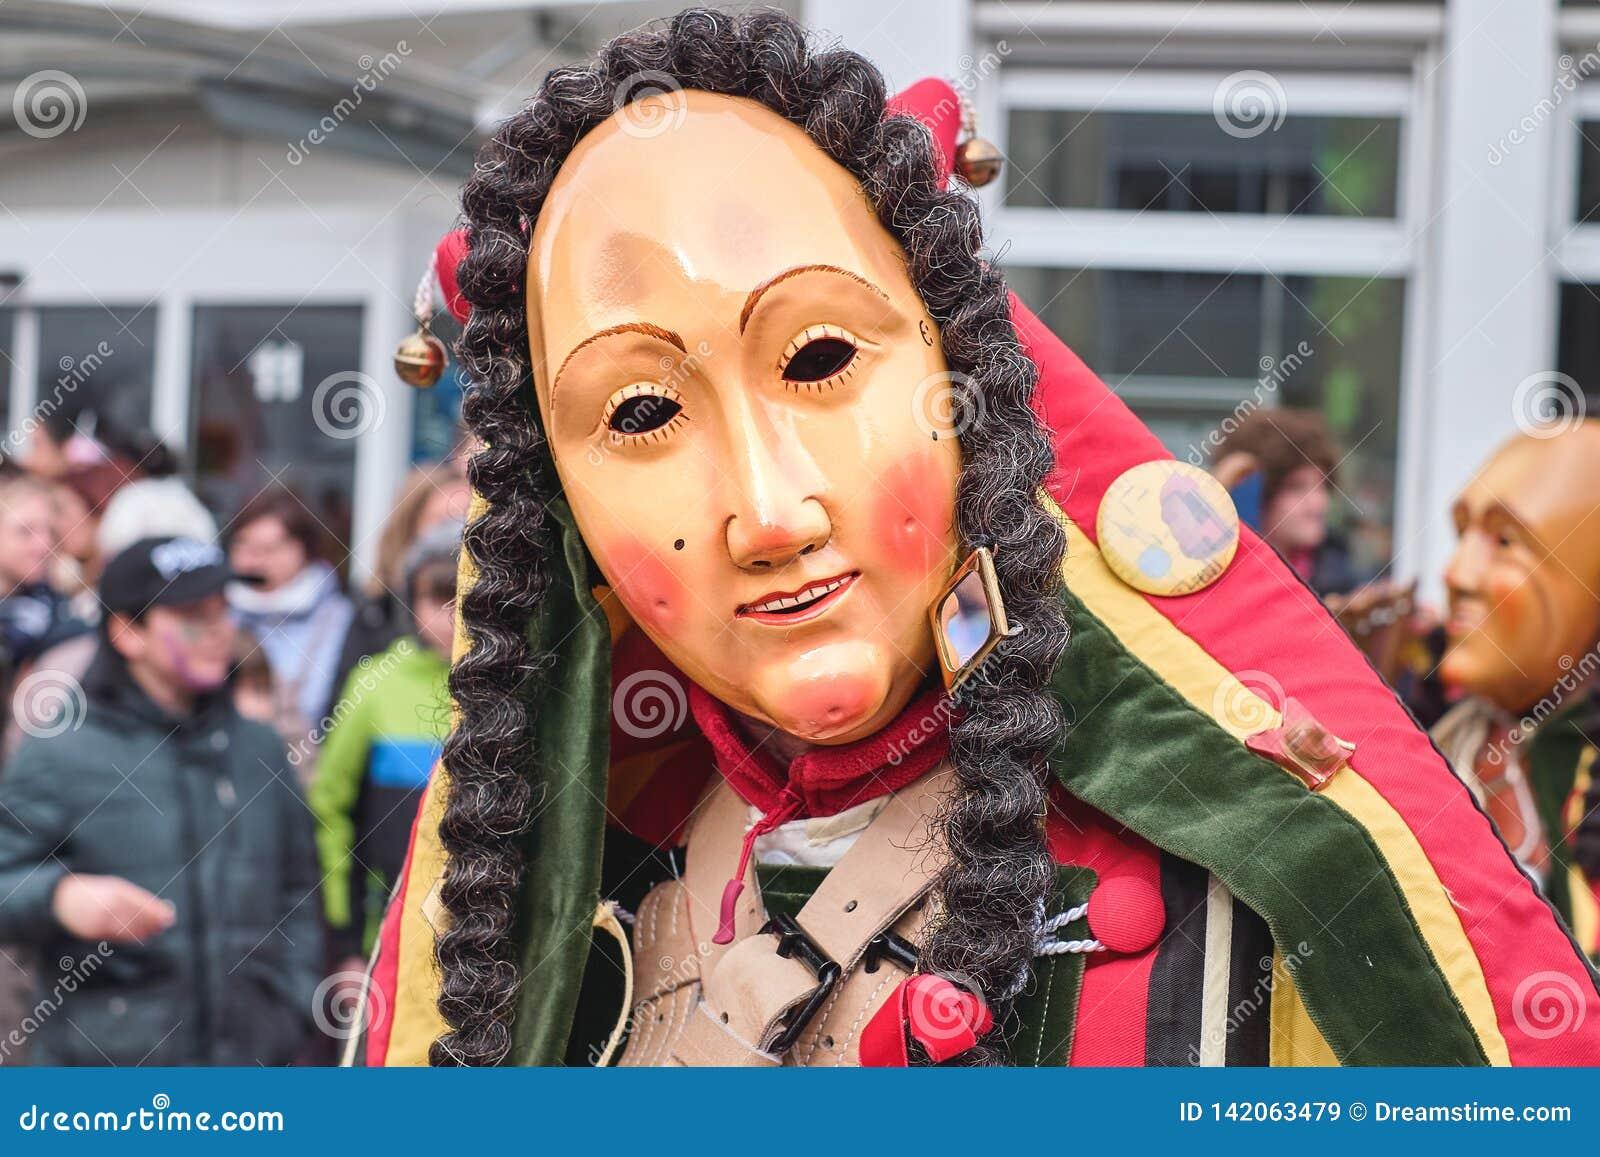 Kolorowa karnawałowa postać z życzliwą maską